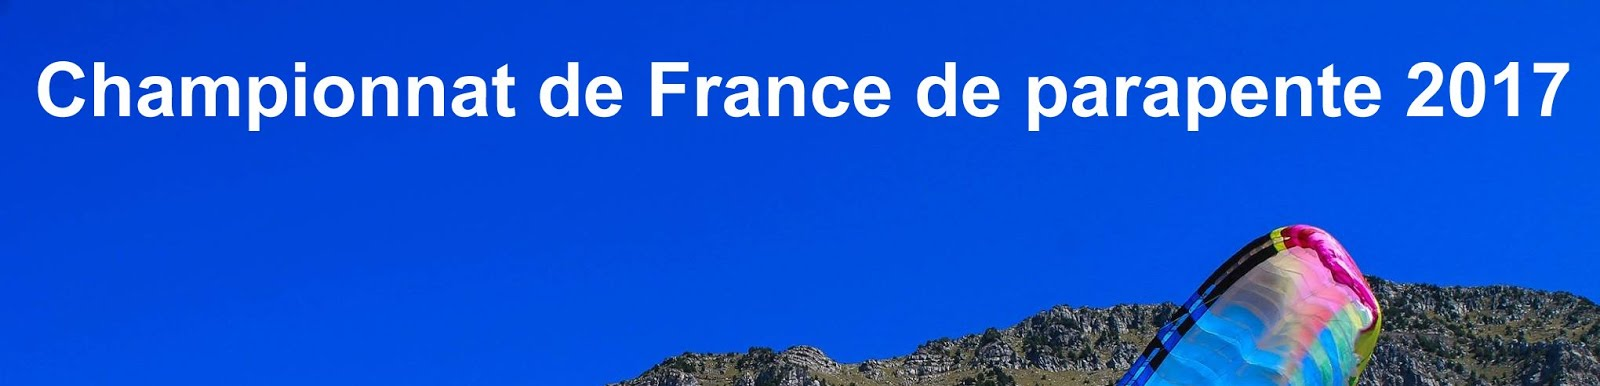 Championnat de France de Parapente 2017